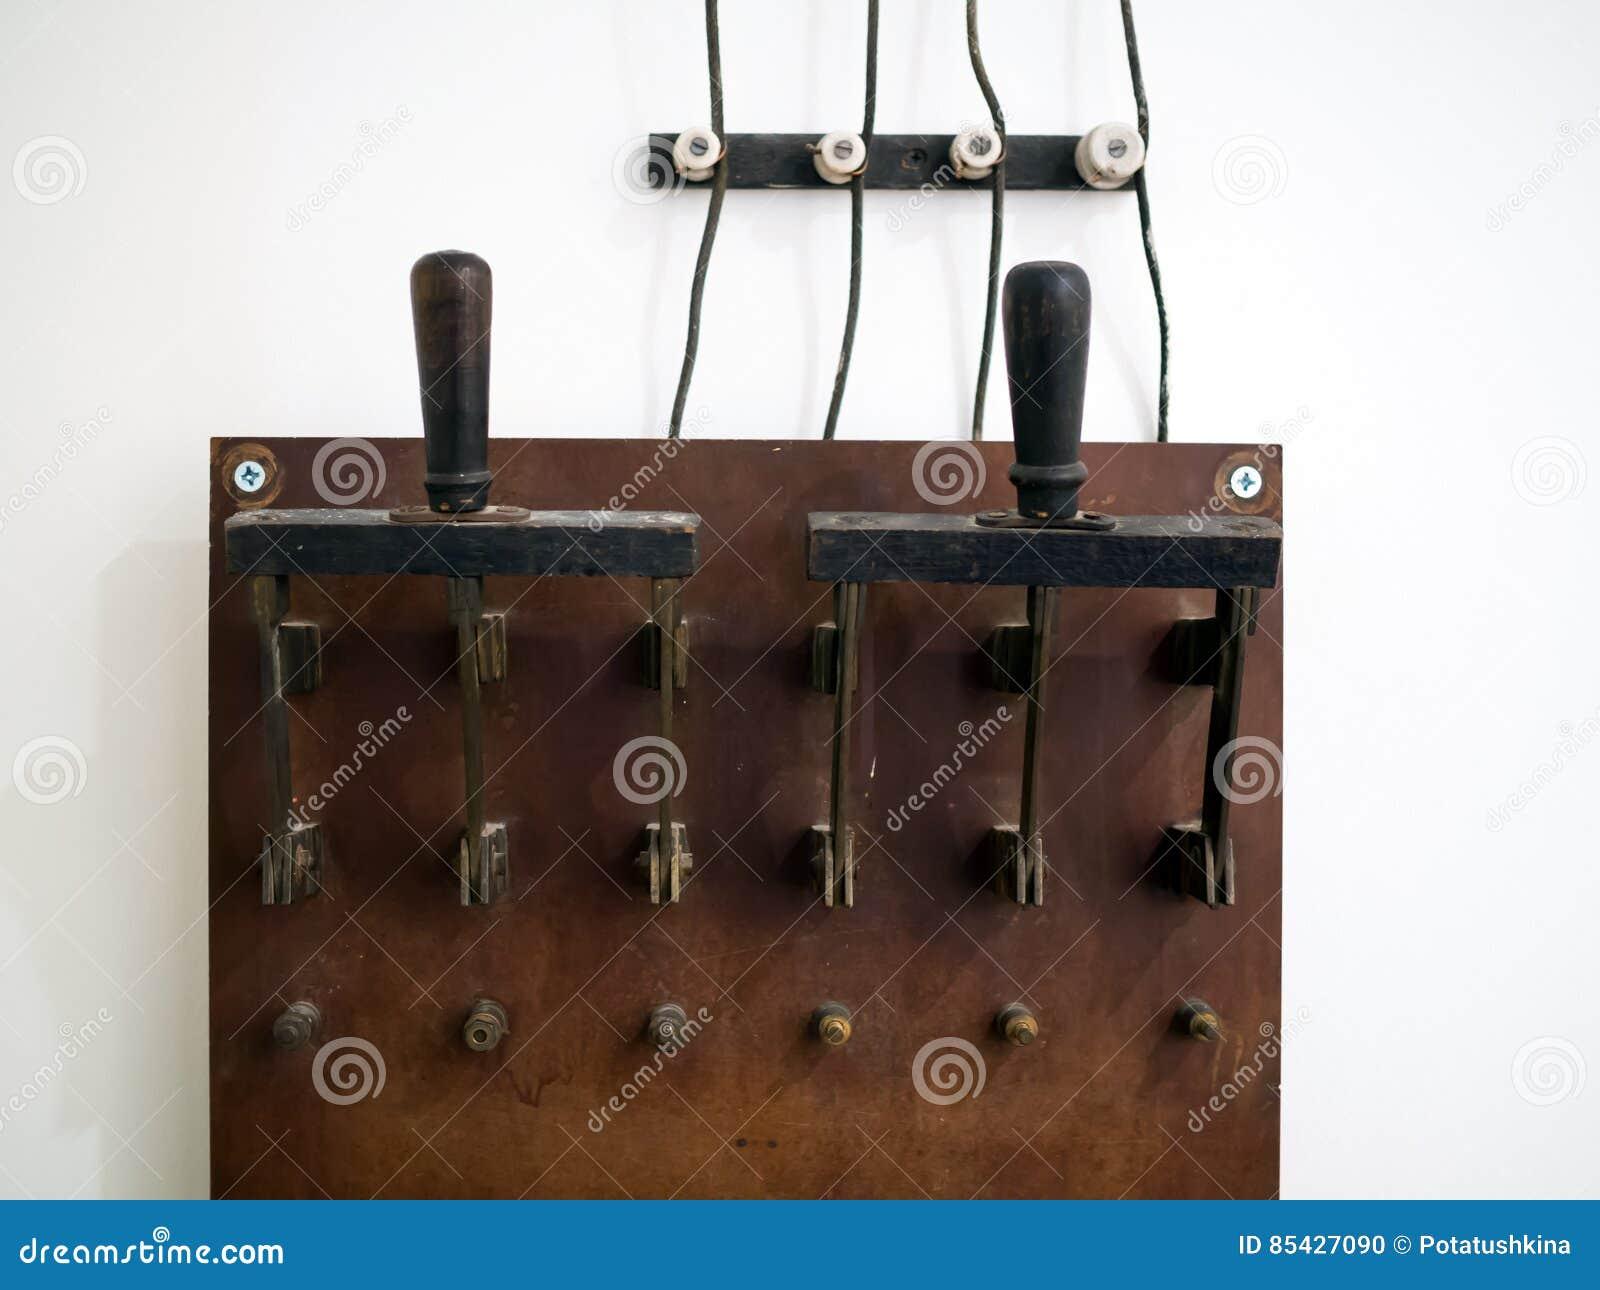 Duża stara elektryczna nożowa zmiana dla ręcznego związku konsumenci